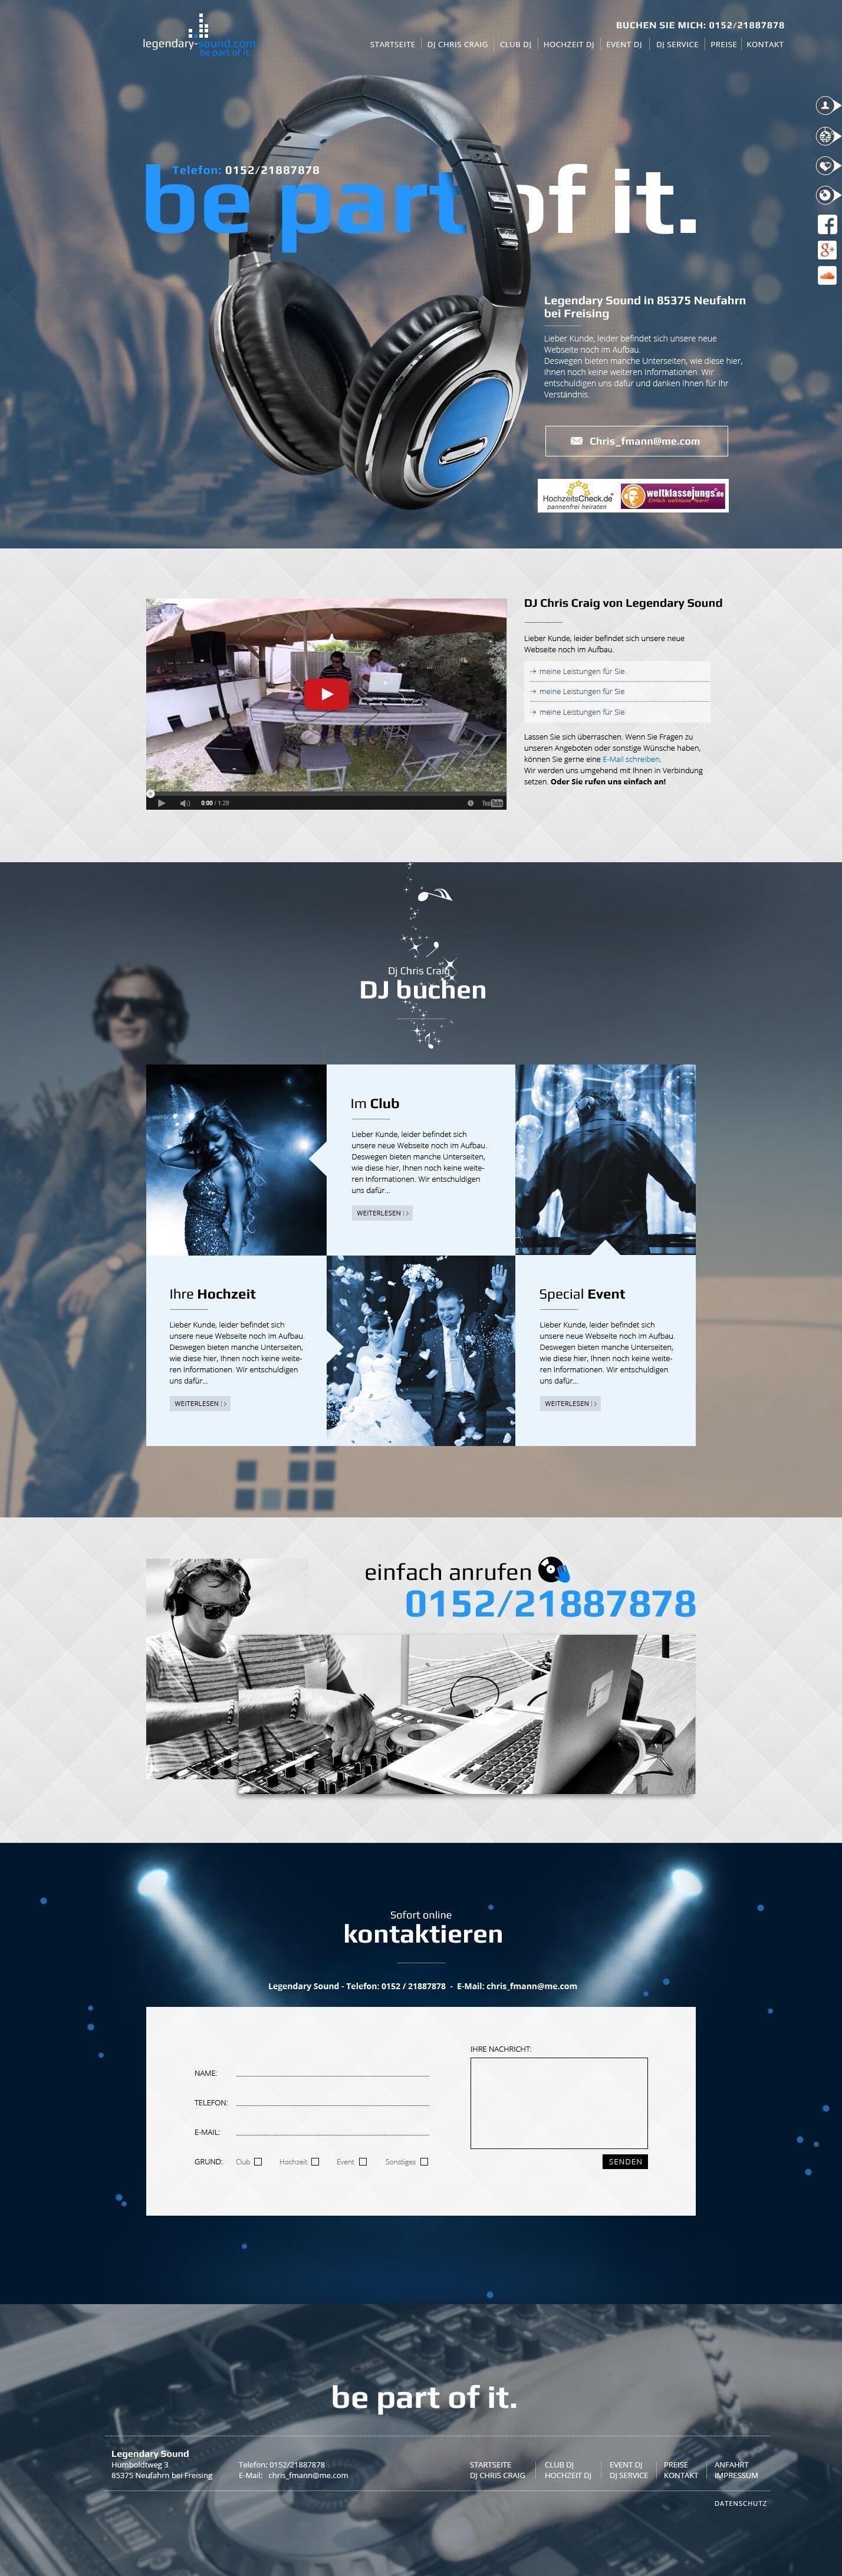 8272121-18035800-legendary-sound.com